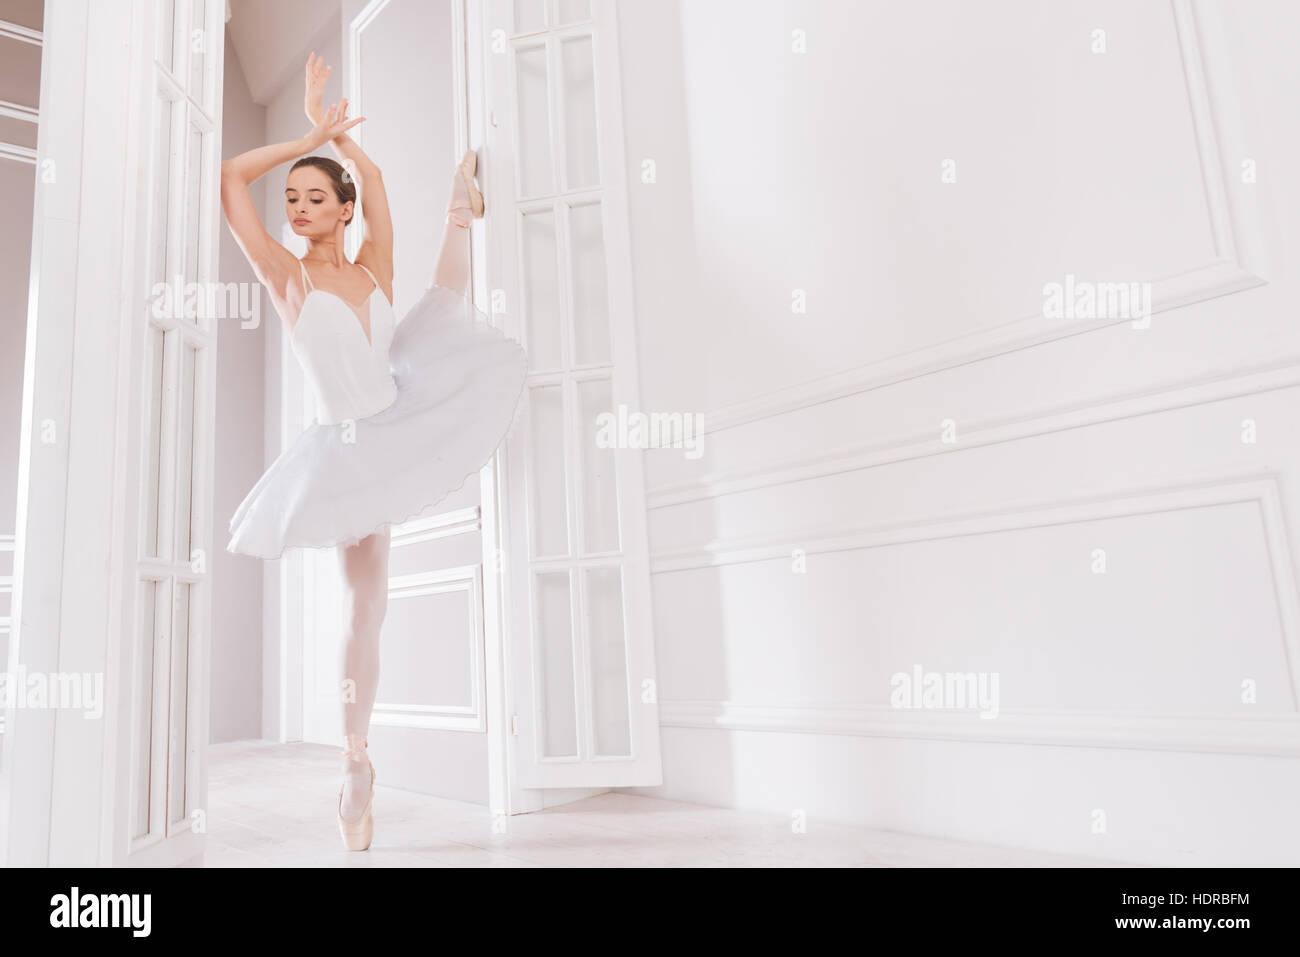 Bailarina de ballet de licitación buscando aparte Imagen De Stock